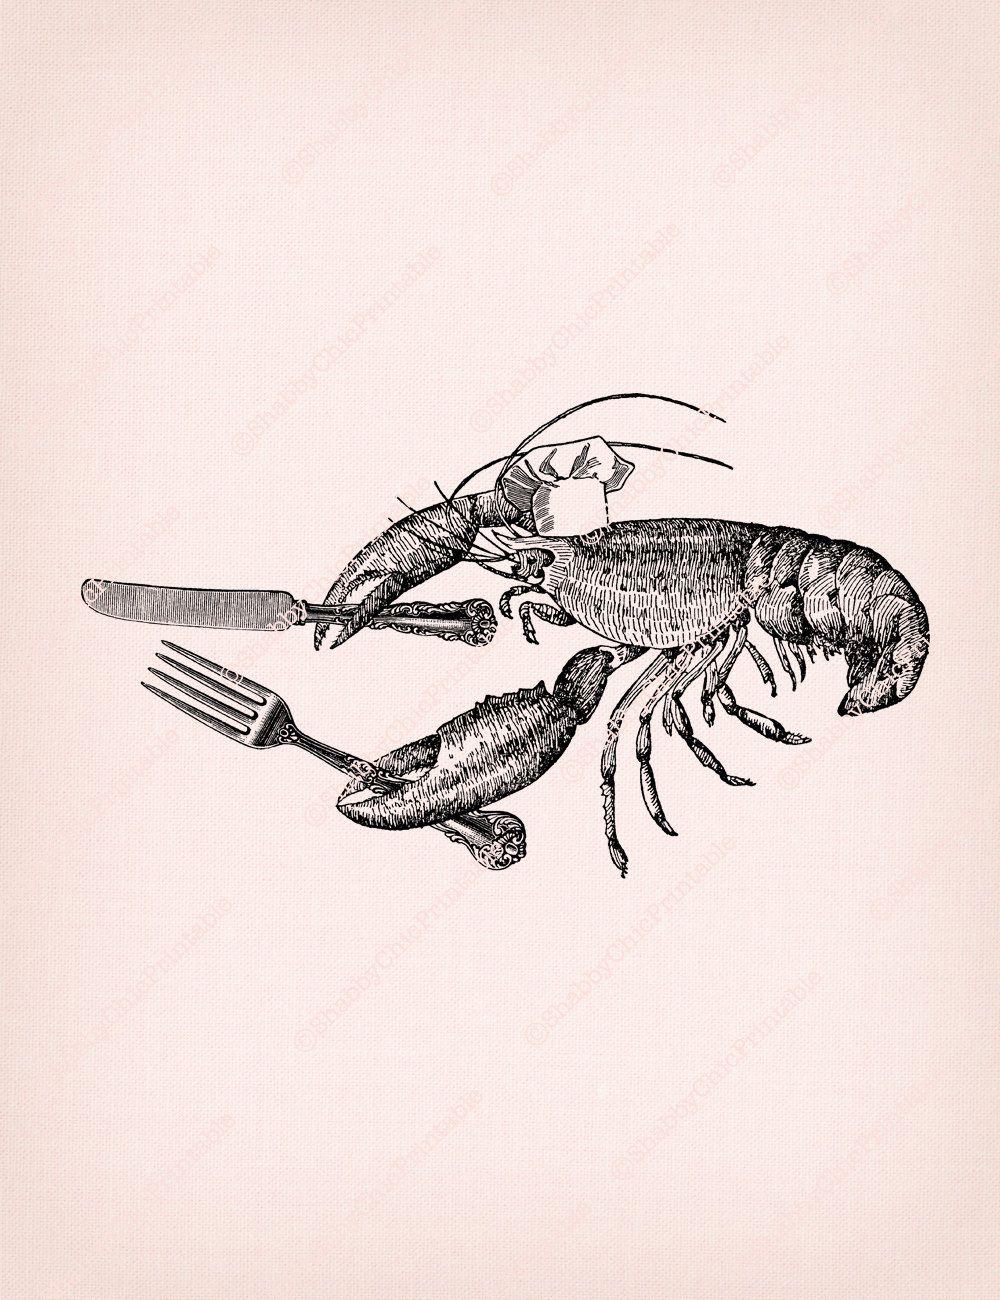 1000x1300 Vintage Collage Illustration Lobster Chef Crayfish Fork Knife